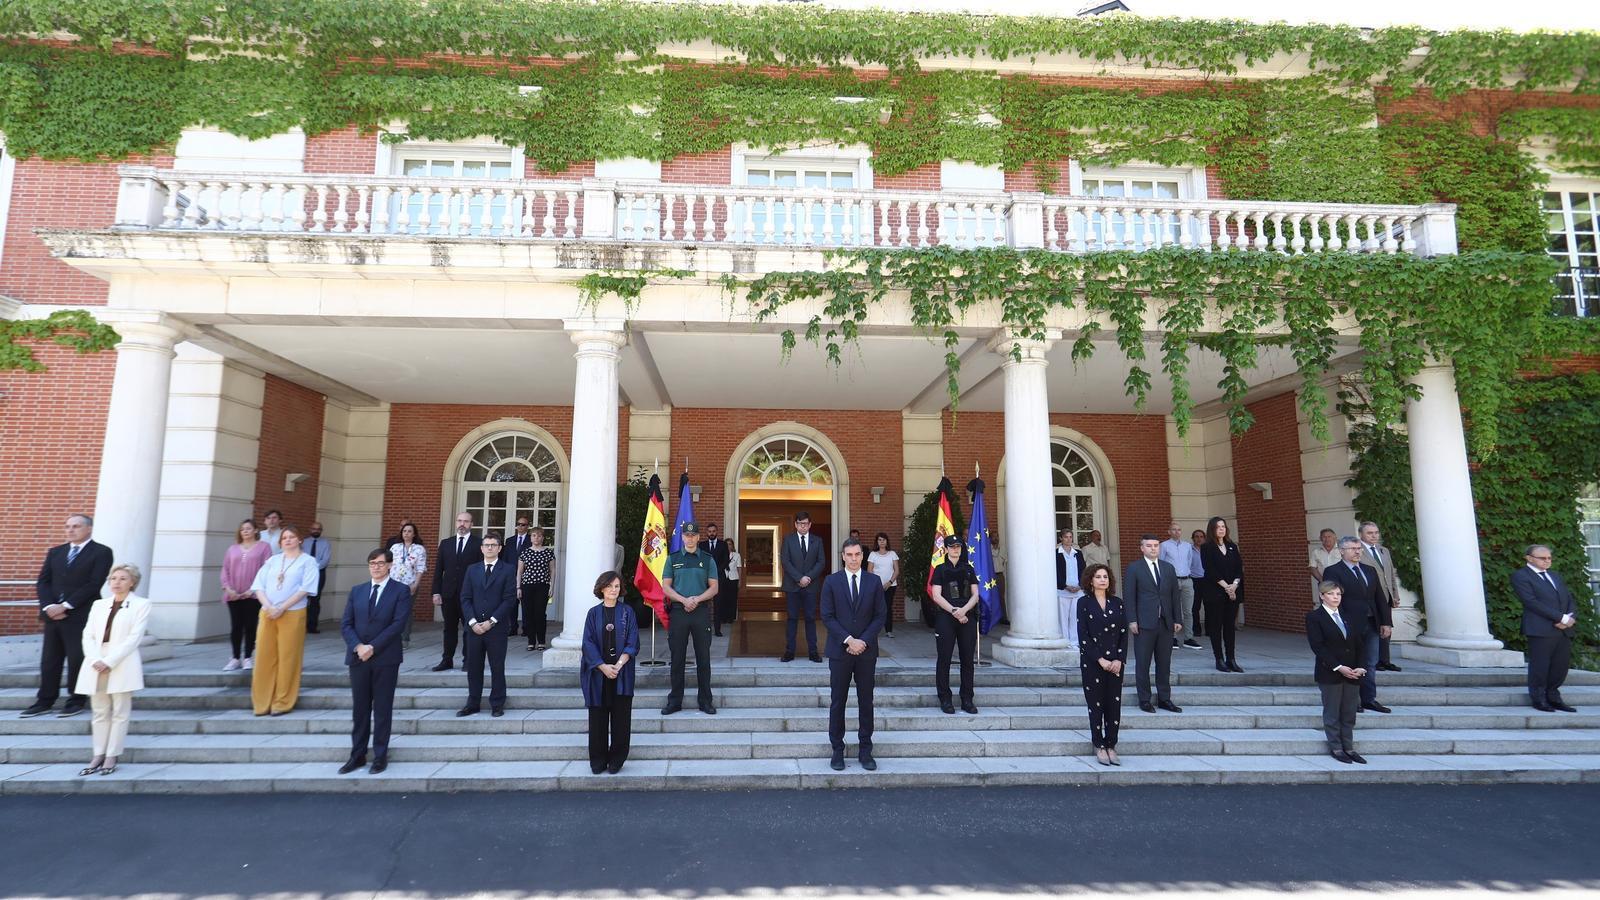 Membres del govern espanyol, acompanyats del personal de la Moncloa, durant el minut de silenci mantingut aquest divendres a les 12h per les víctimes del coronavirus. Avui Espanya acaba el dol nacional de 10 dies decretat dimarts de la setmana passada per Pedro Sánchez.